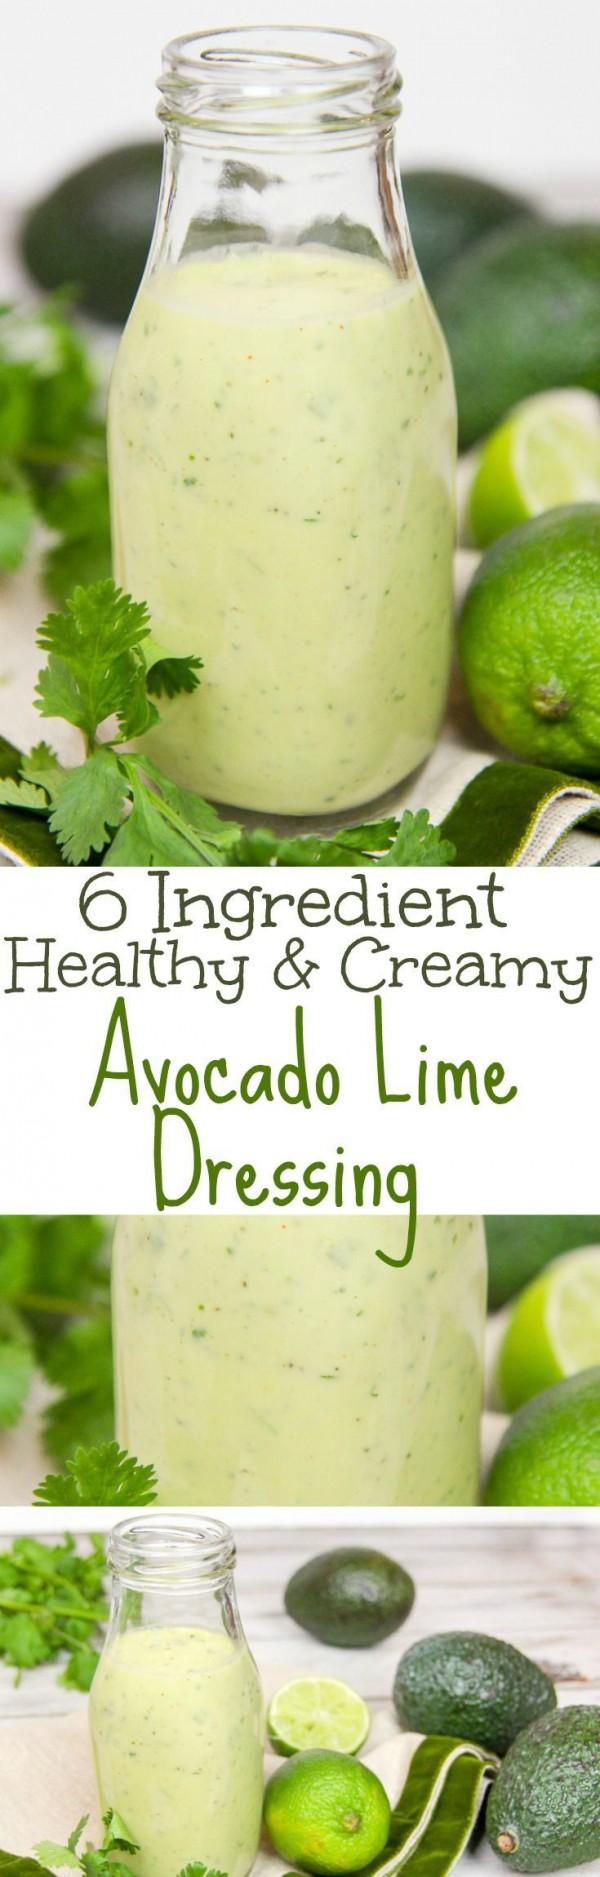 Get the recipe Avocado Lime Dressing @recipes_to_go